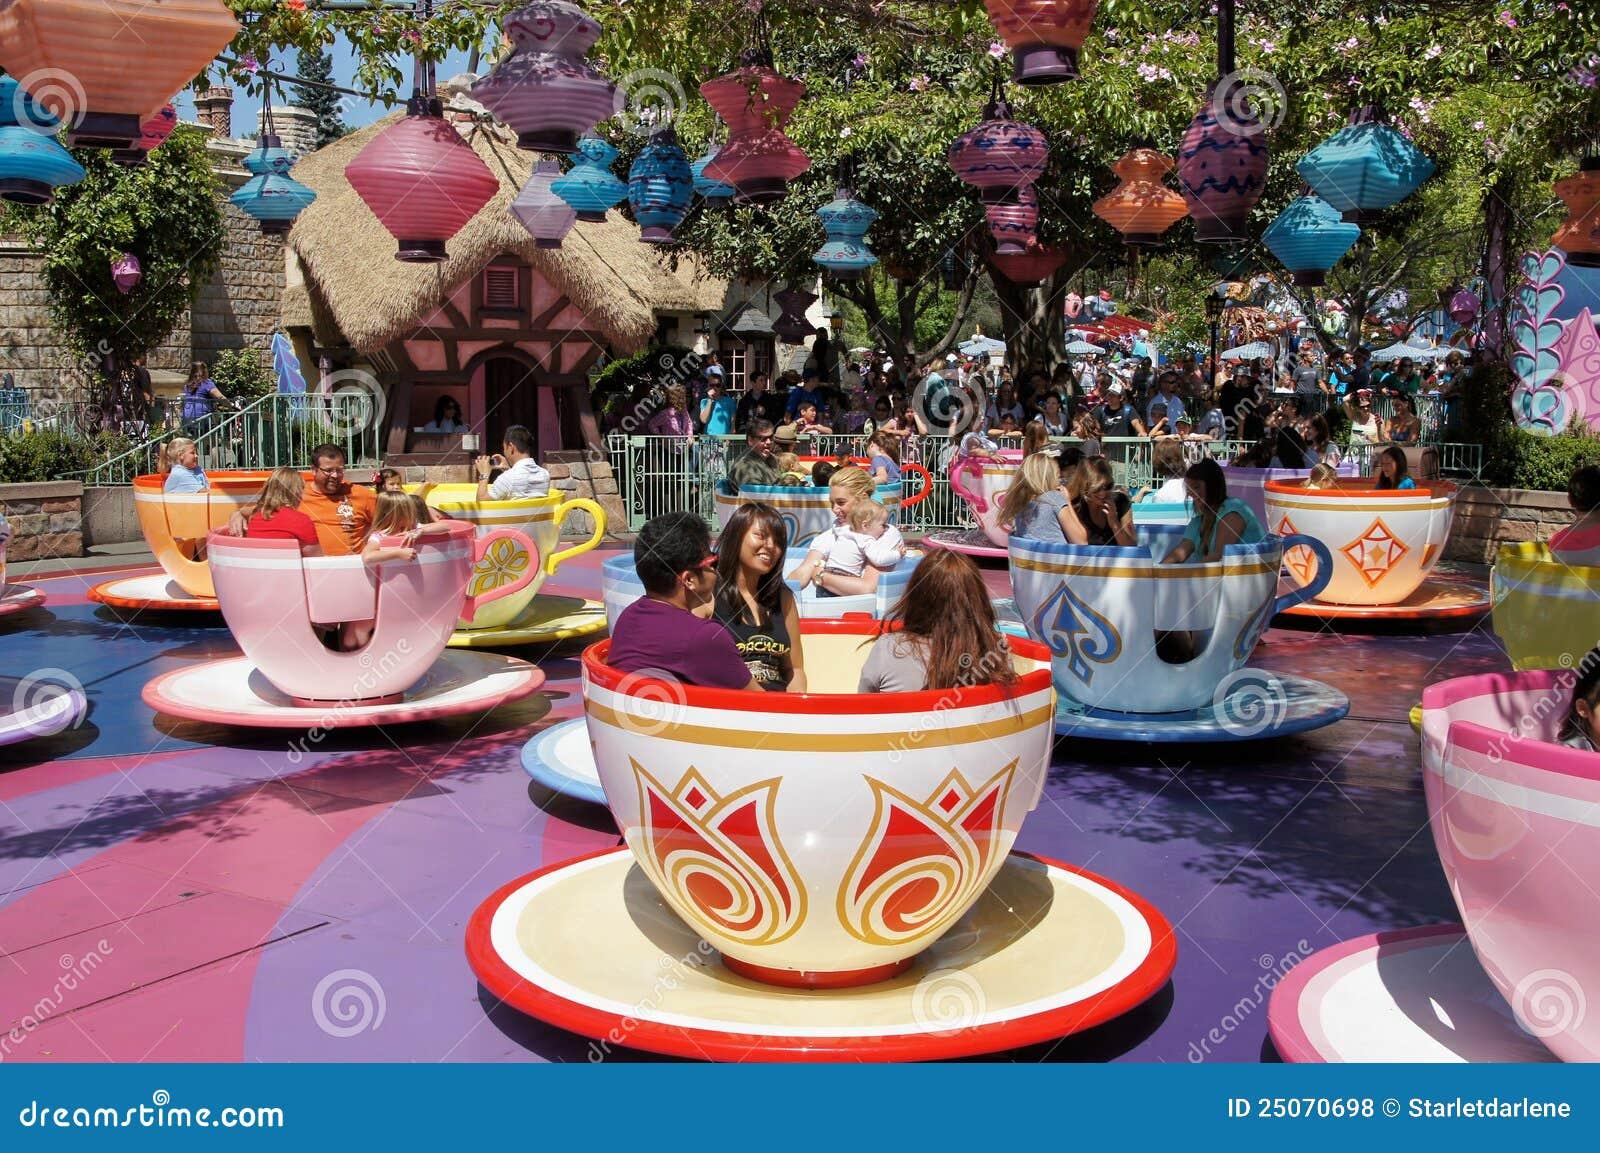 придает форму чашки чай hatter disneyland сумашедший